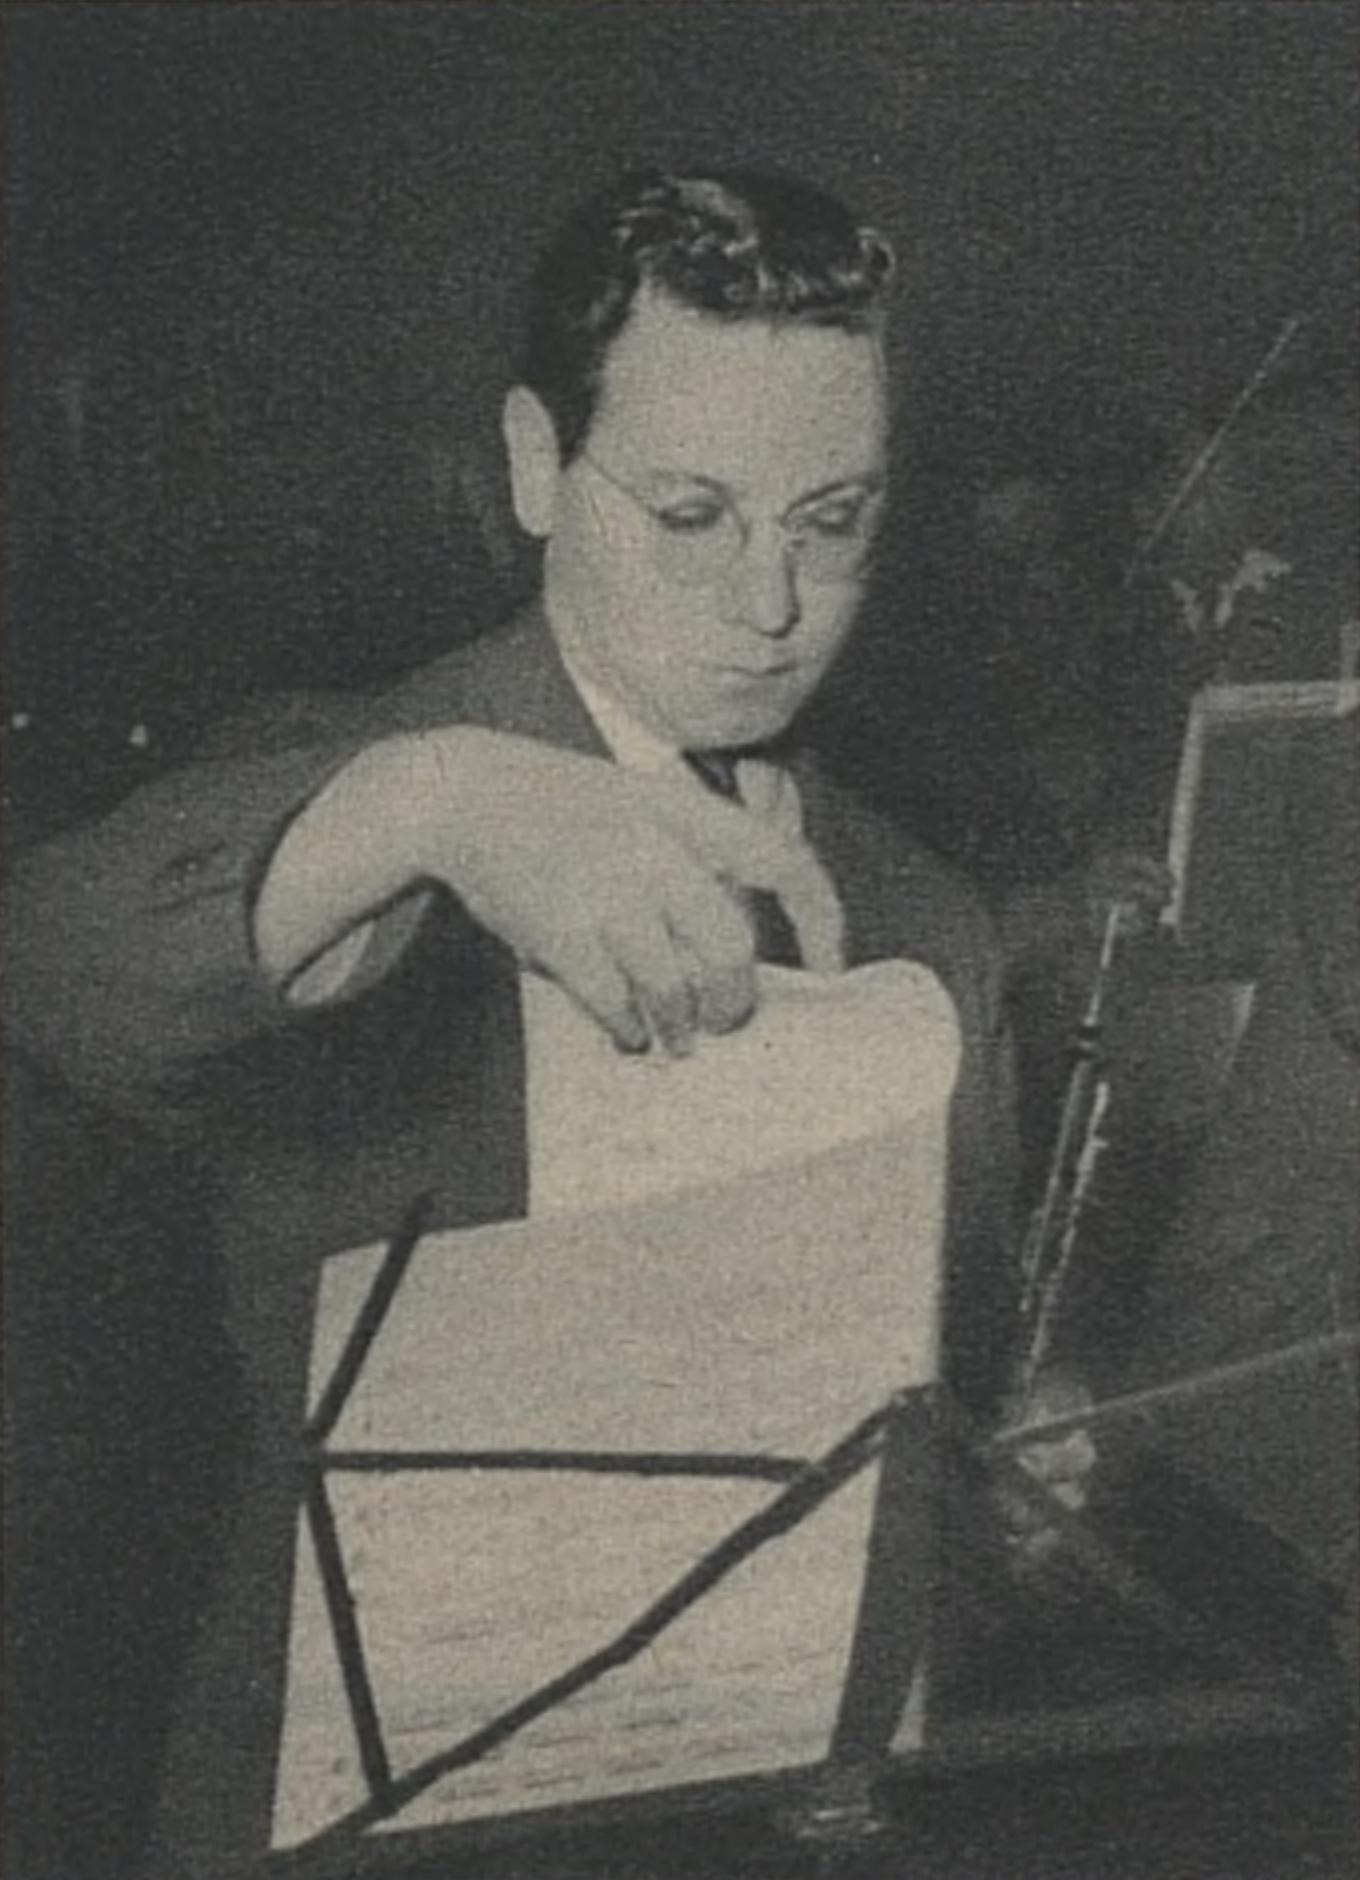 Pierre PIERLOT, 1949, portrait réalisé par Photo Bertrand, Genève